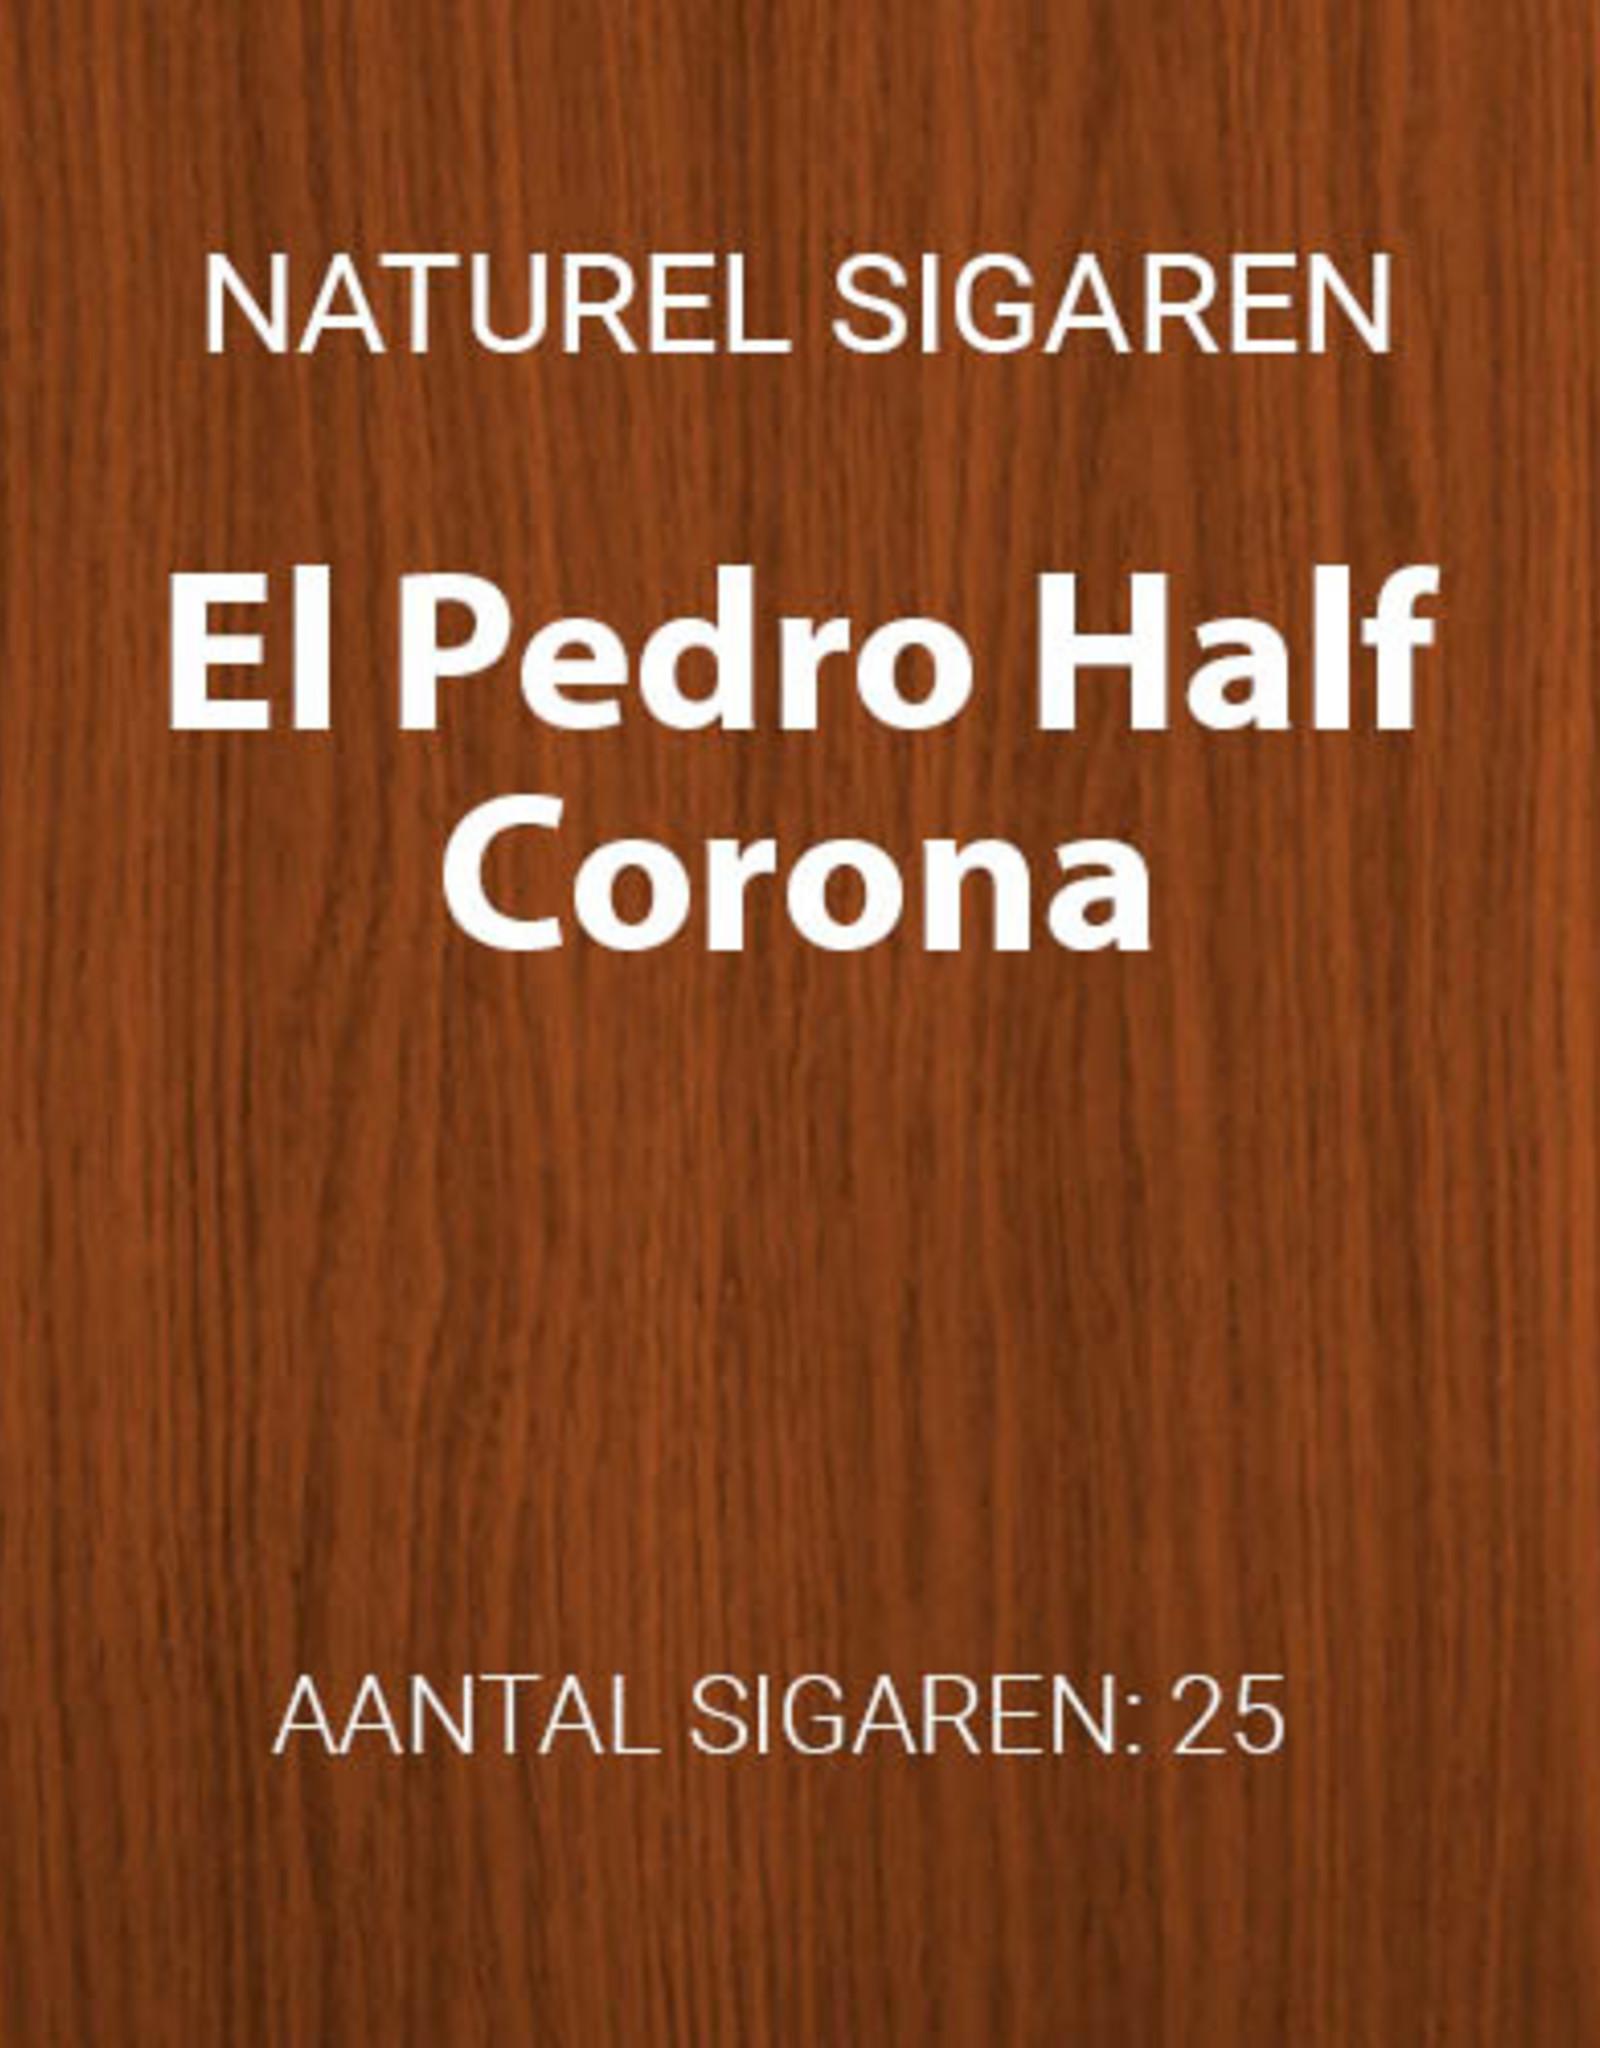 El Pedro Half Corona 25 stuks